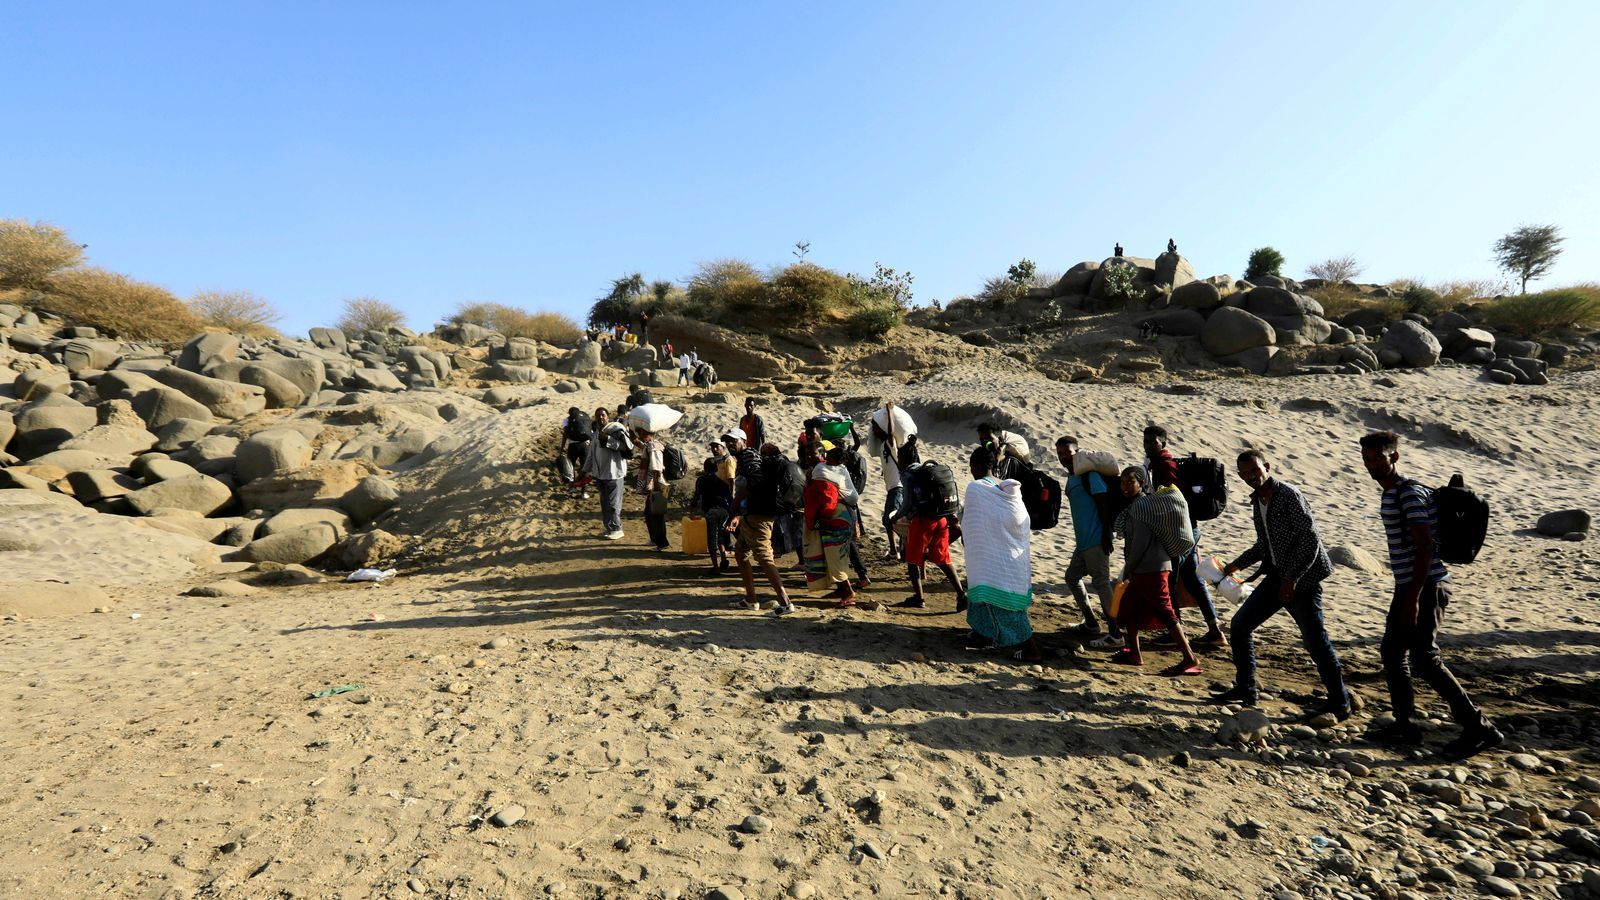 Un grup de refugiats etíops fugen de la regió del Tigre per arribar al Sudan.